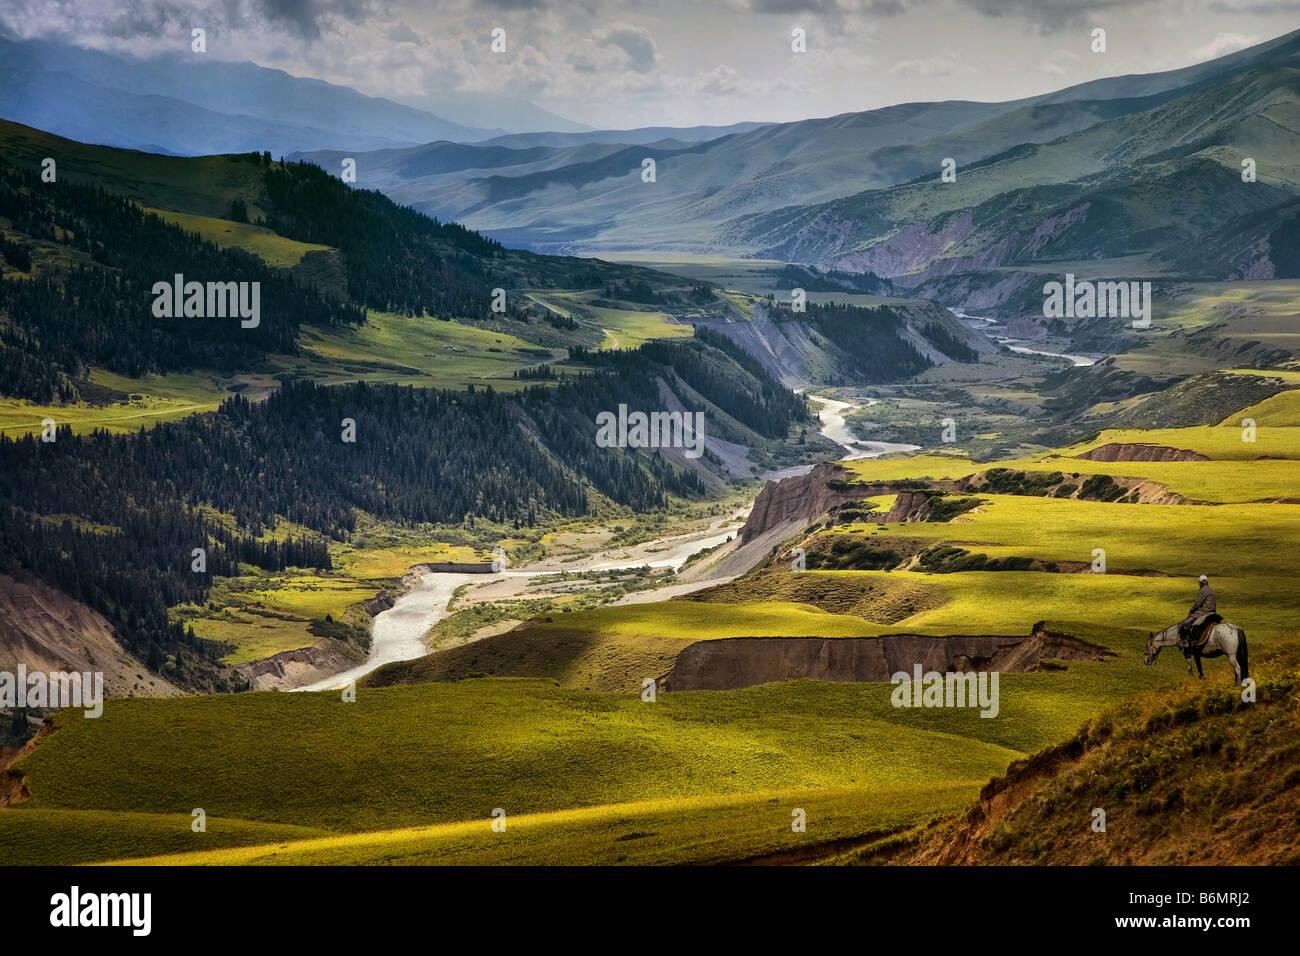 Image Gallery Kazakhstan Landscape